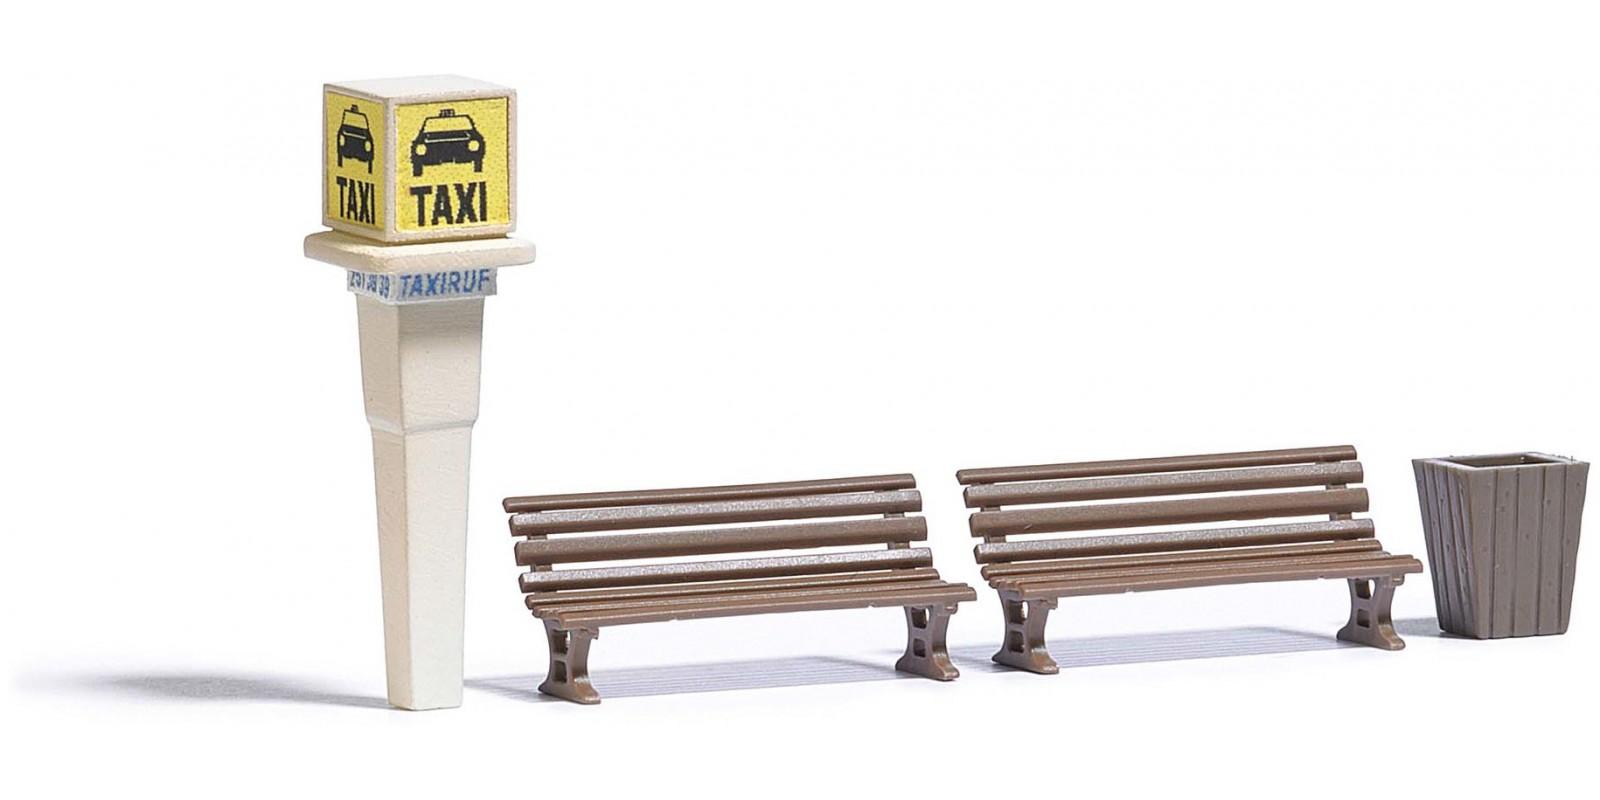 BU7763 Taxi column FRG